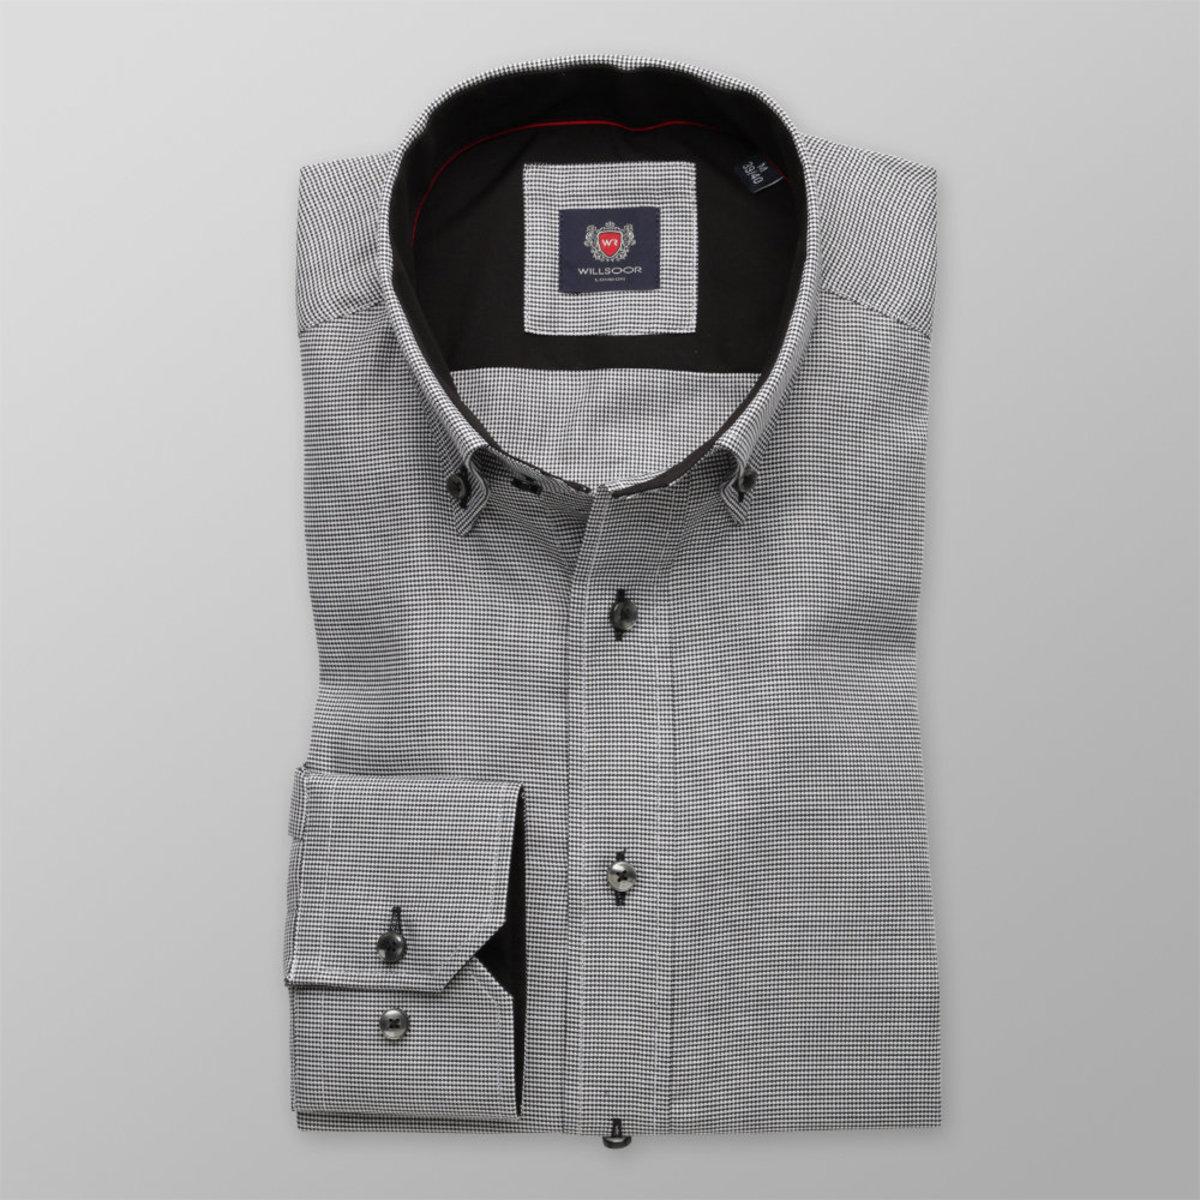 Pánská slim fit London (výška 176-182) 8615 v šedé barvě s úpravou easy care 176-182 / M (39/40)